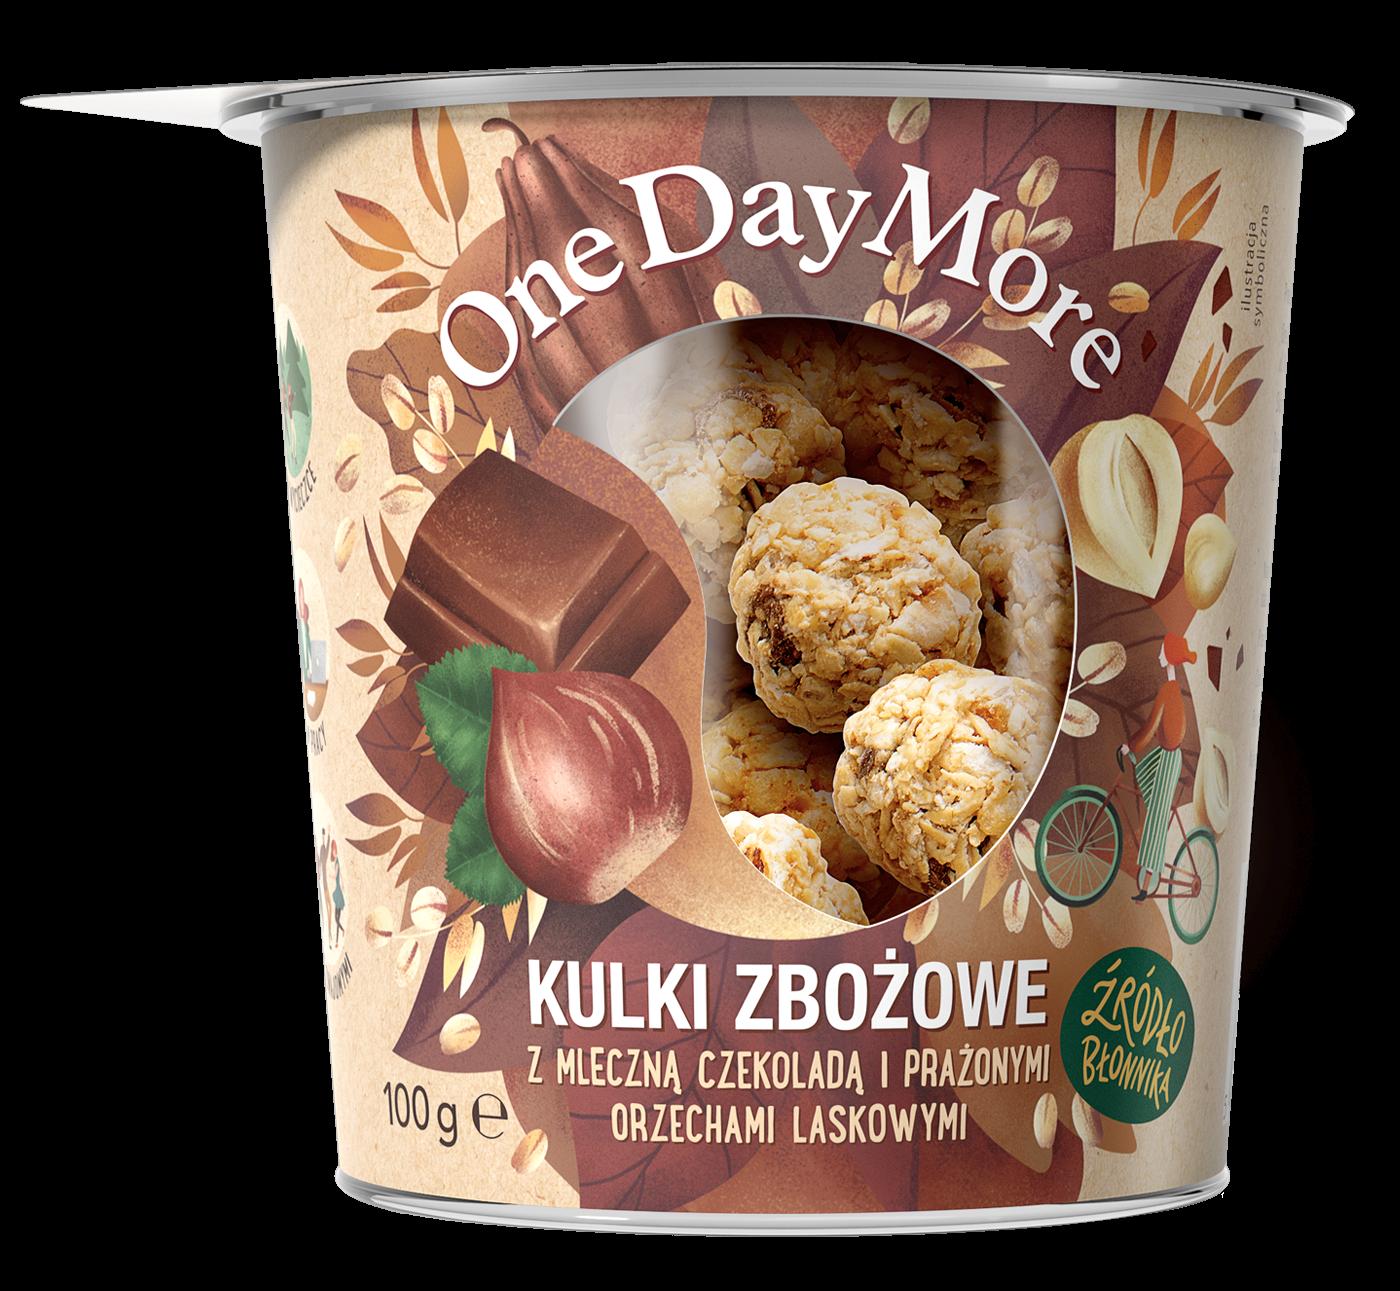 kulki-zbozowe-mleczna-czekolada-i-orzech-kubek-onedaymore-1400×1291